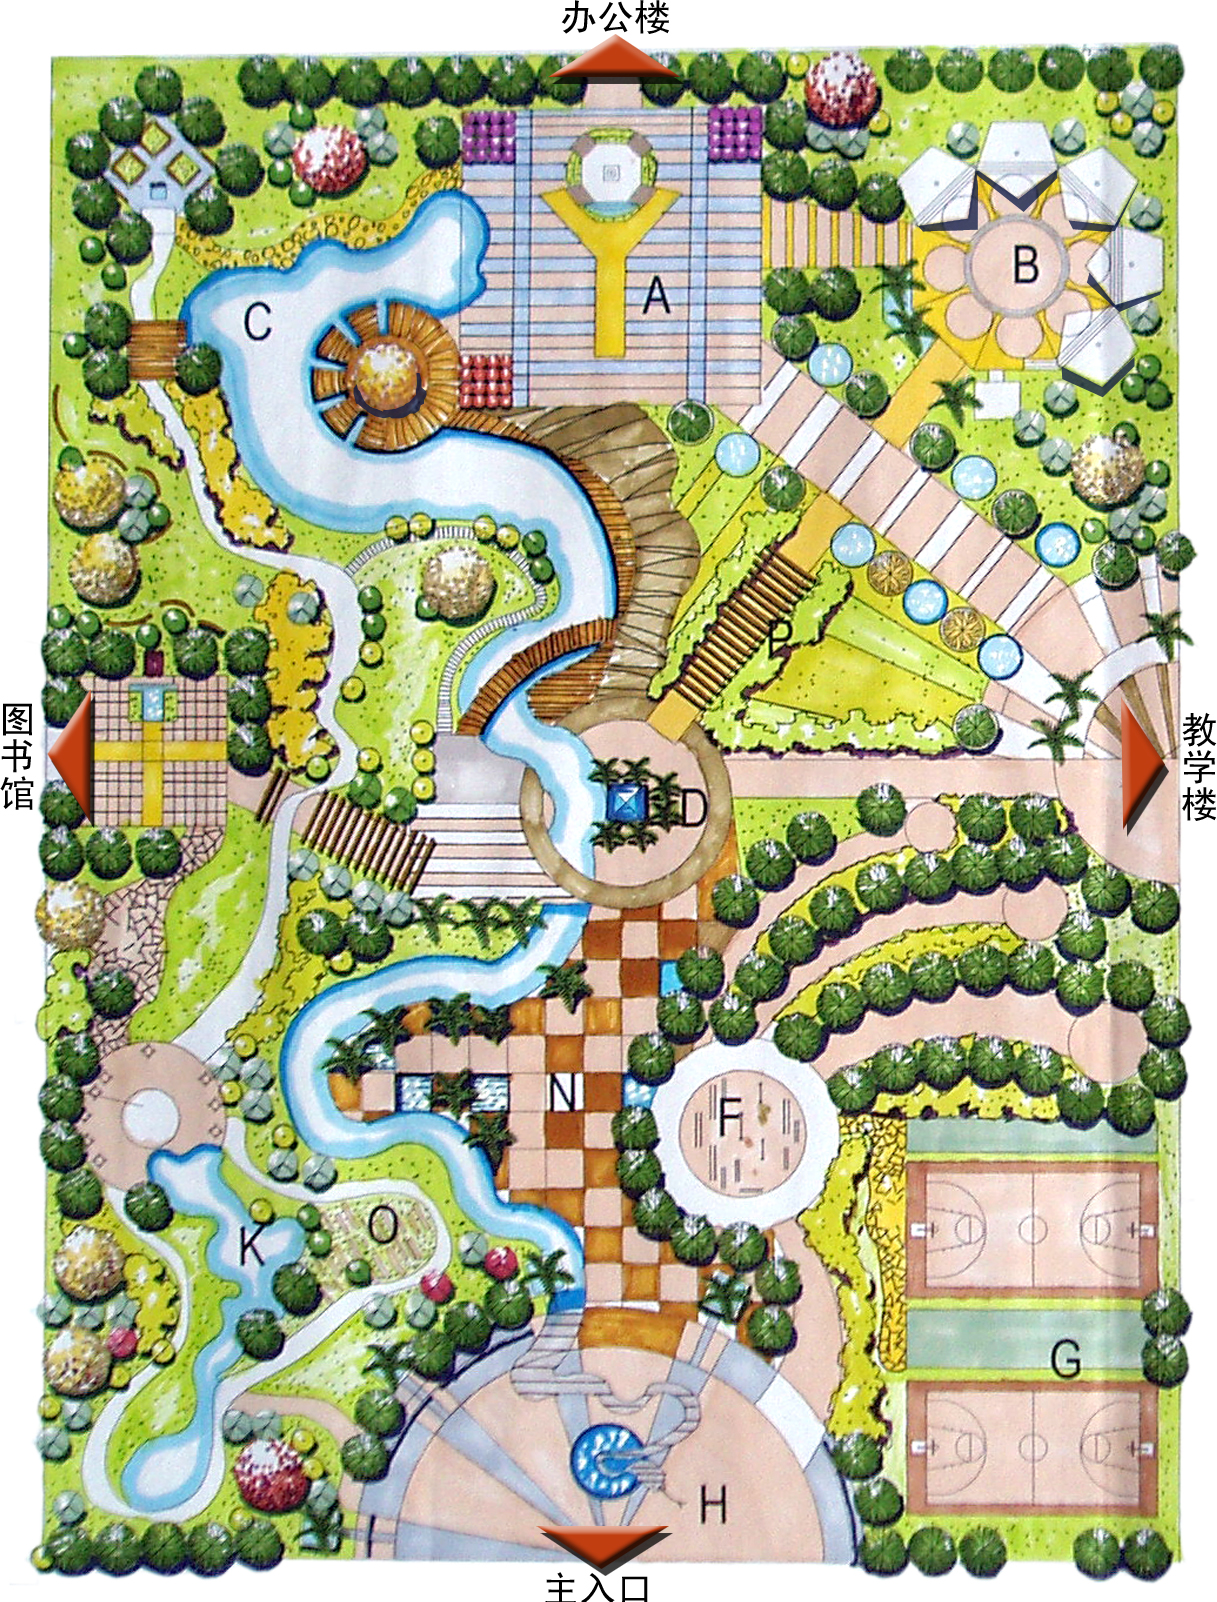 校园景观设计平面图; 一张校园生态广场设计彩平图; 园林图纸